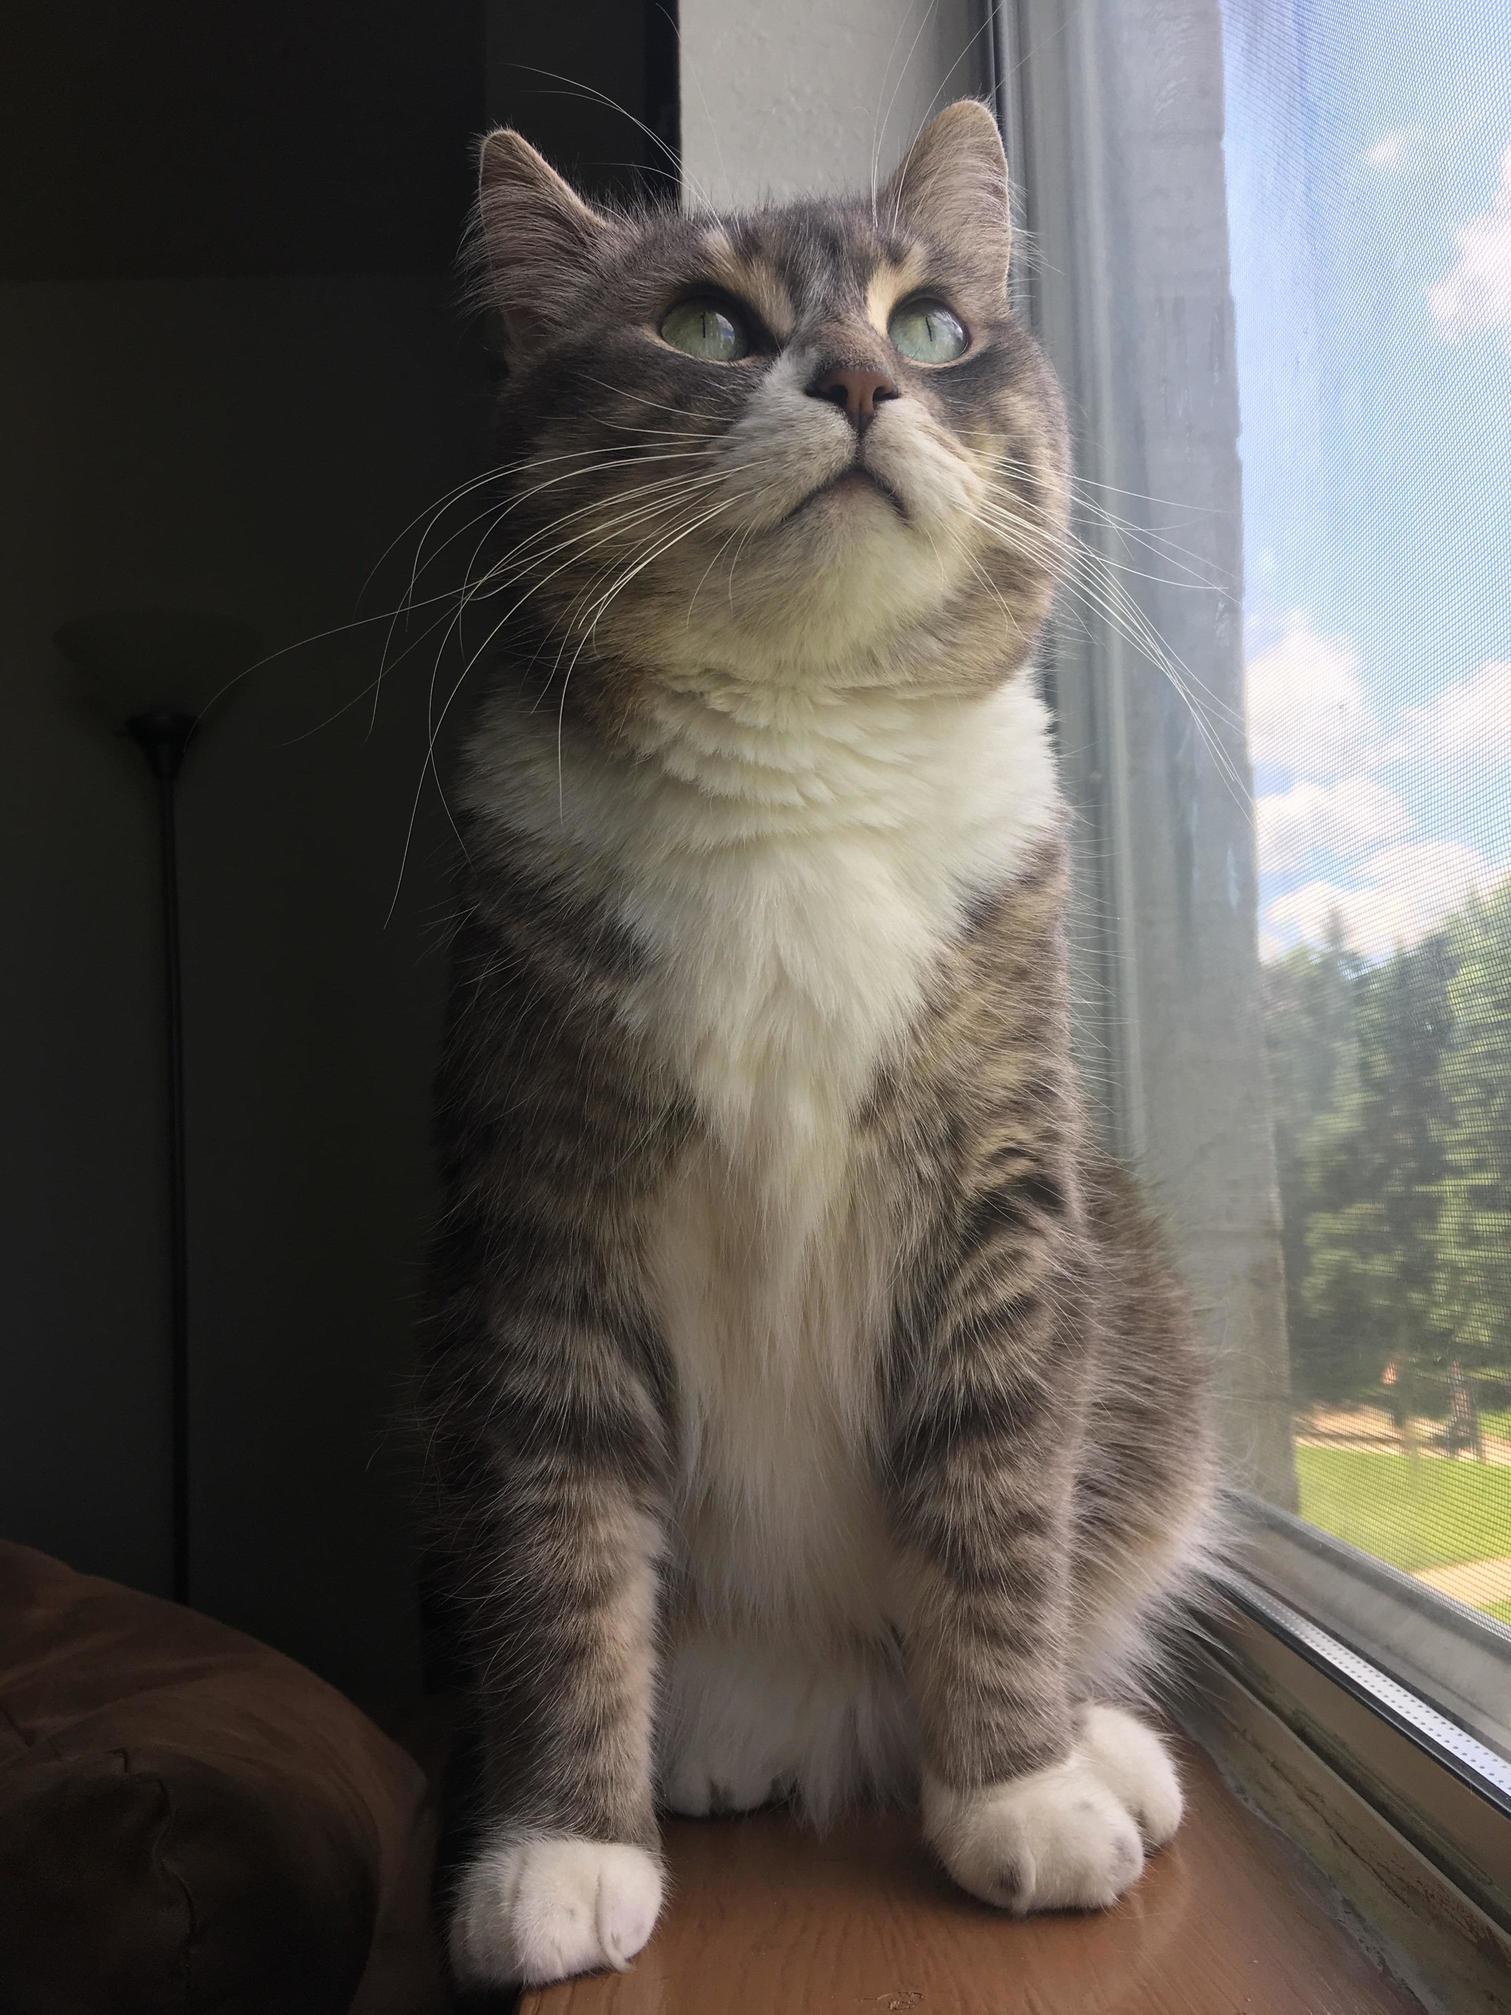 Little window cat